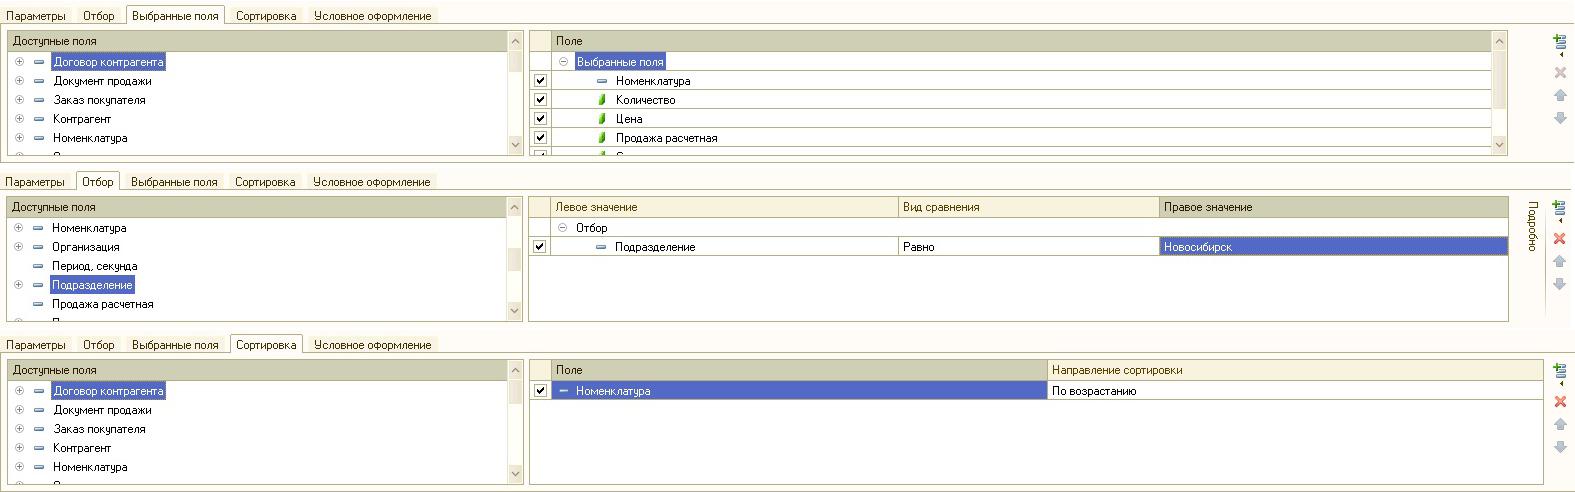 Пользователя 1с управление торговлей 10. 3.